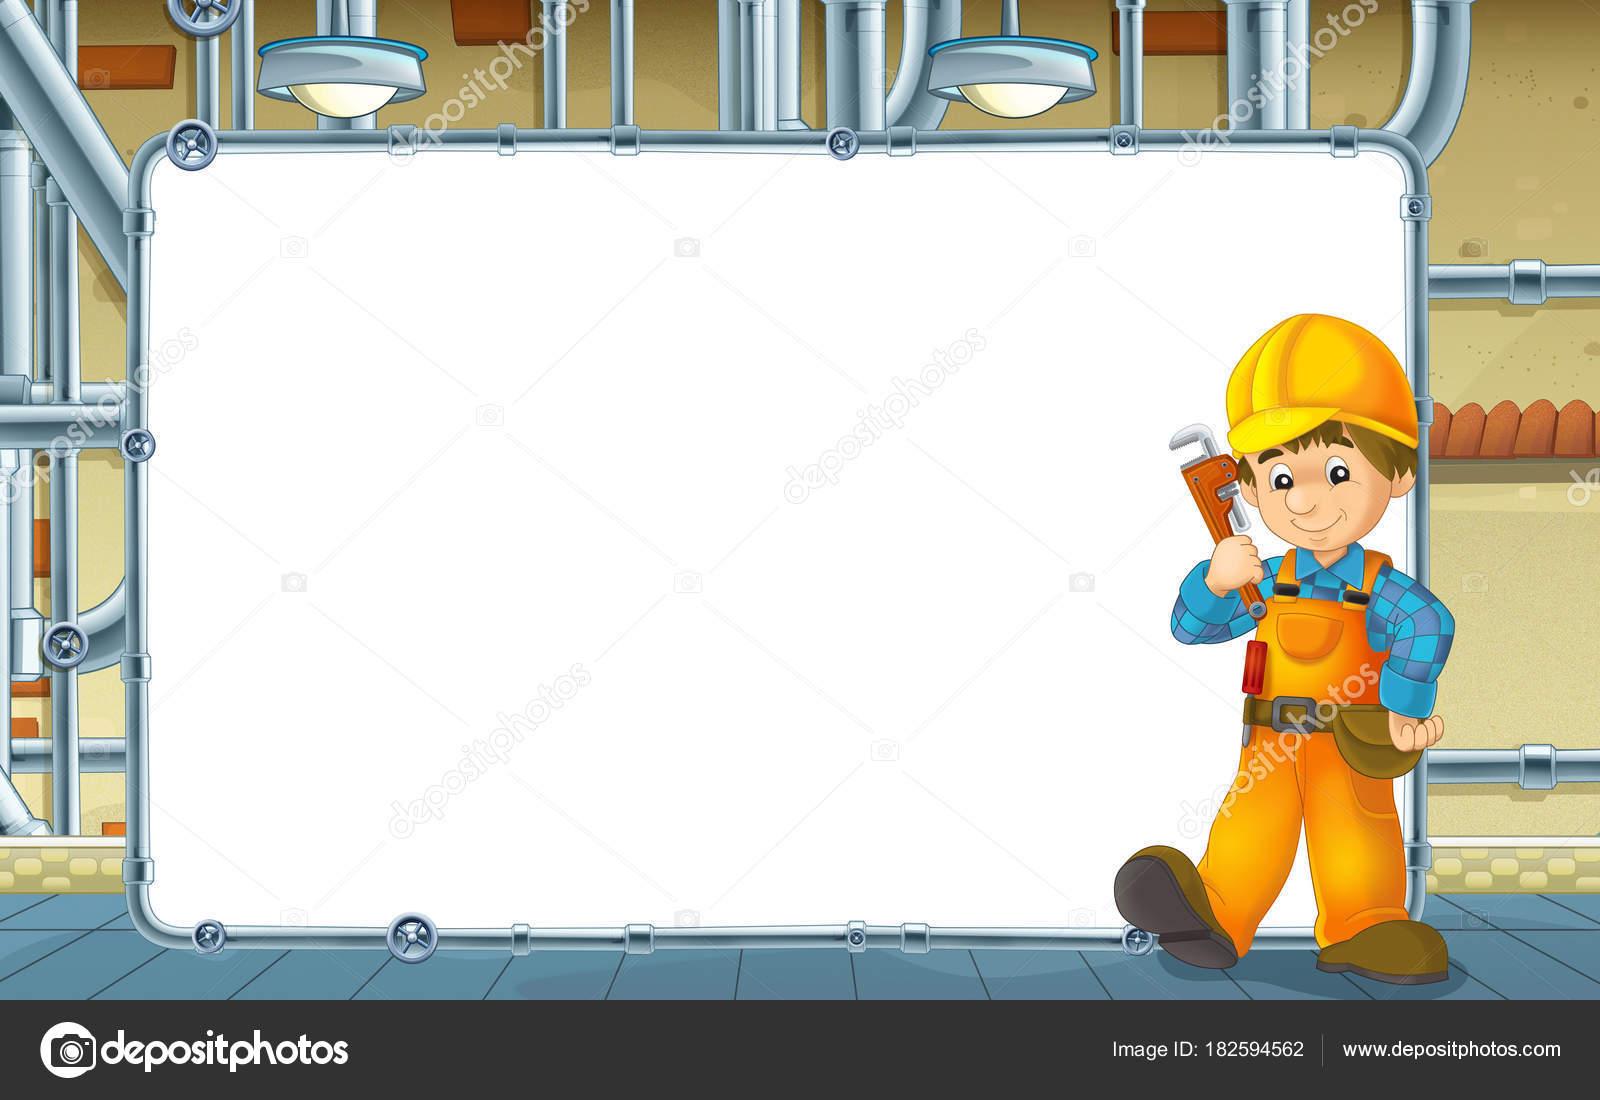 Escena Dibujos Animados Con Constructor Trabajando Sótano Con ...